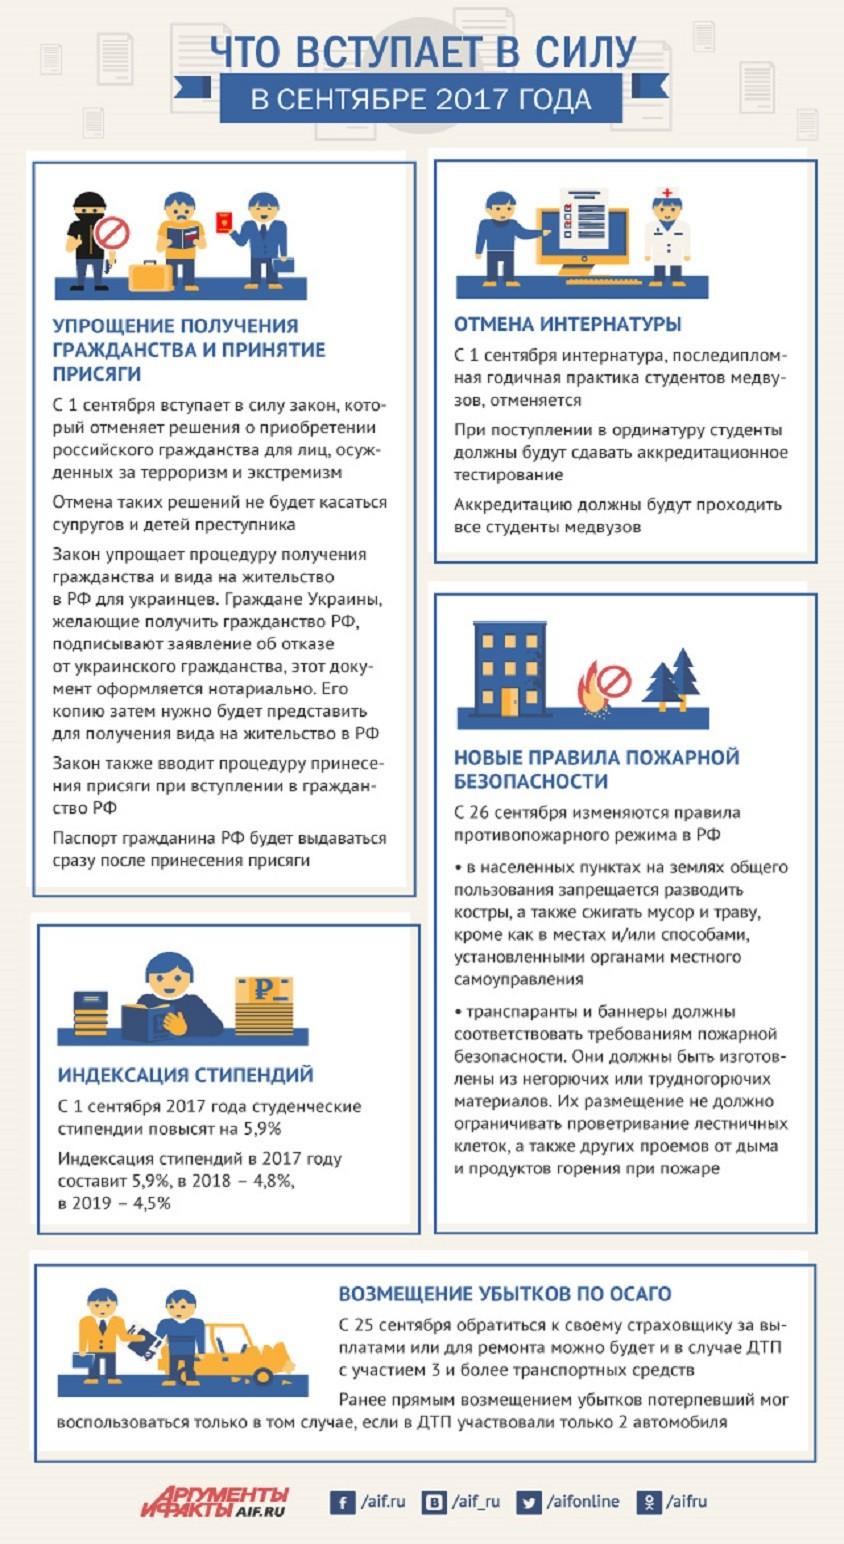 Новые законы с 1 января 2017 года в россии для многодетных семей в